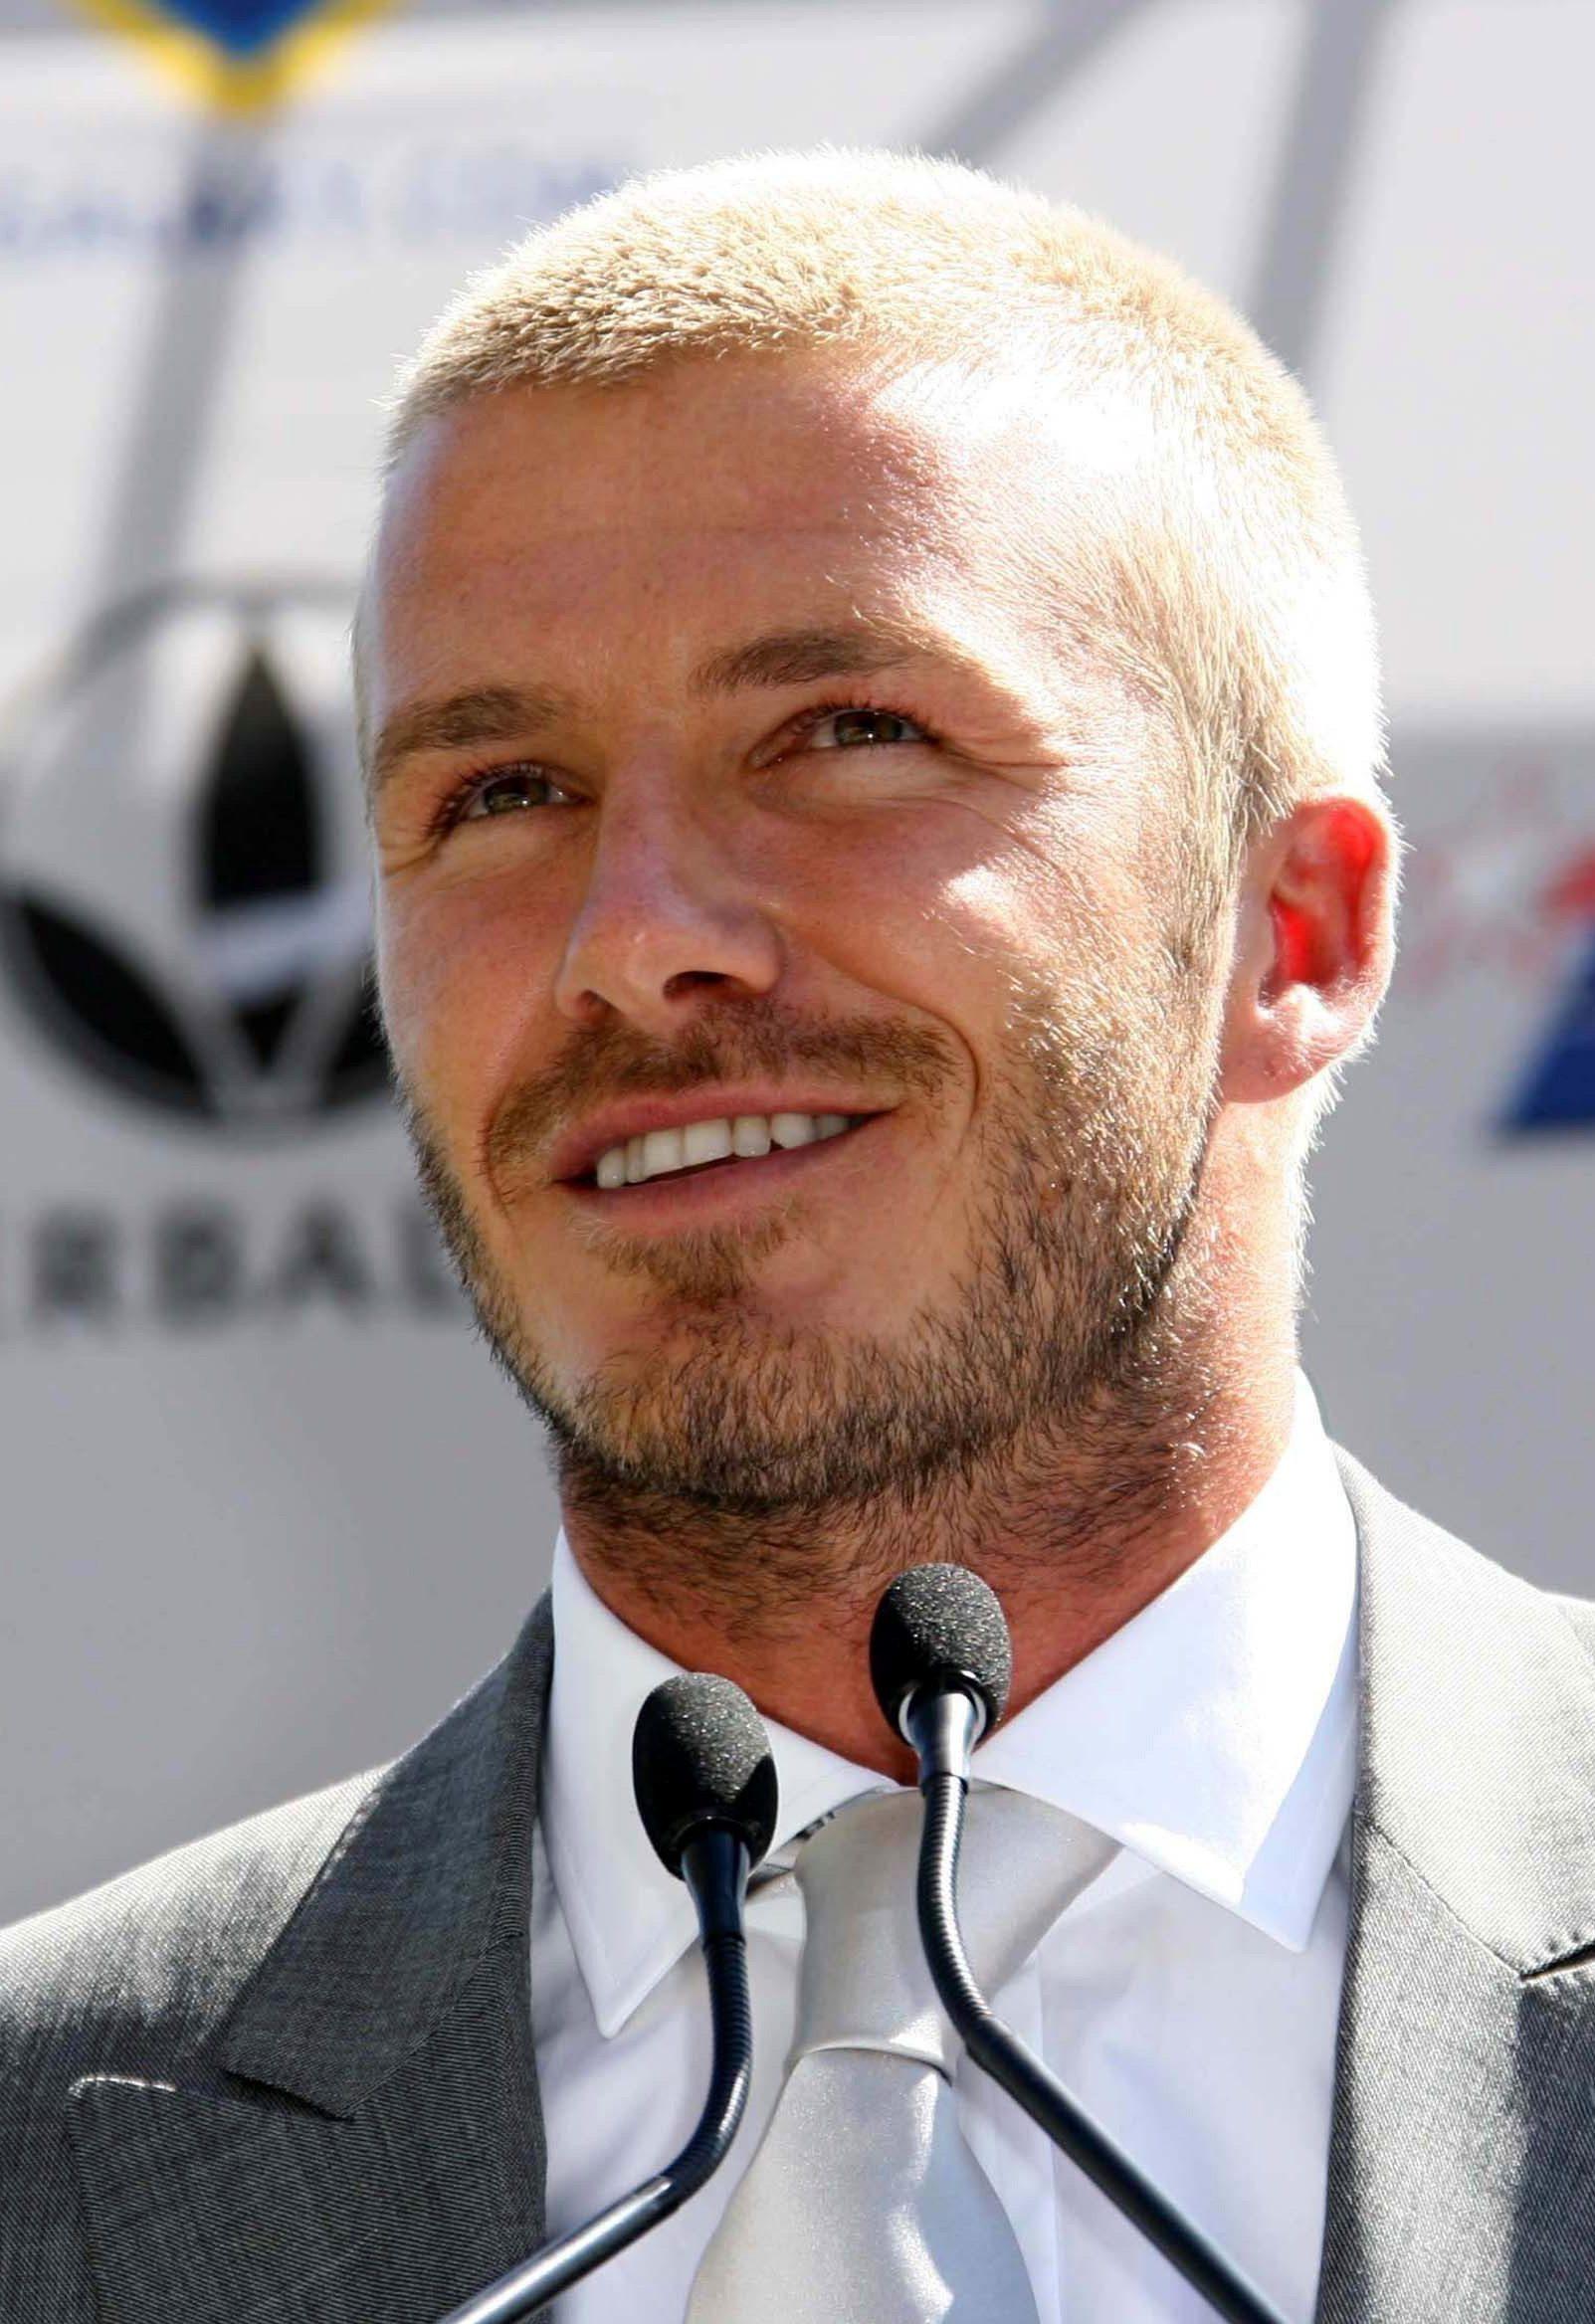 David Beckham's Burr Cut